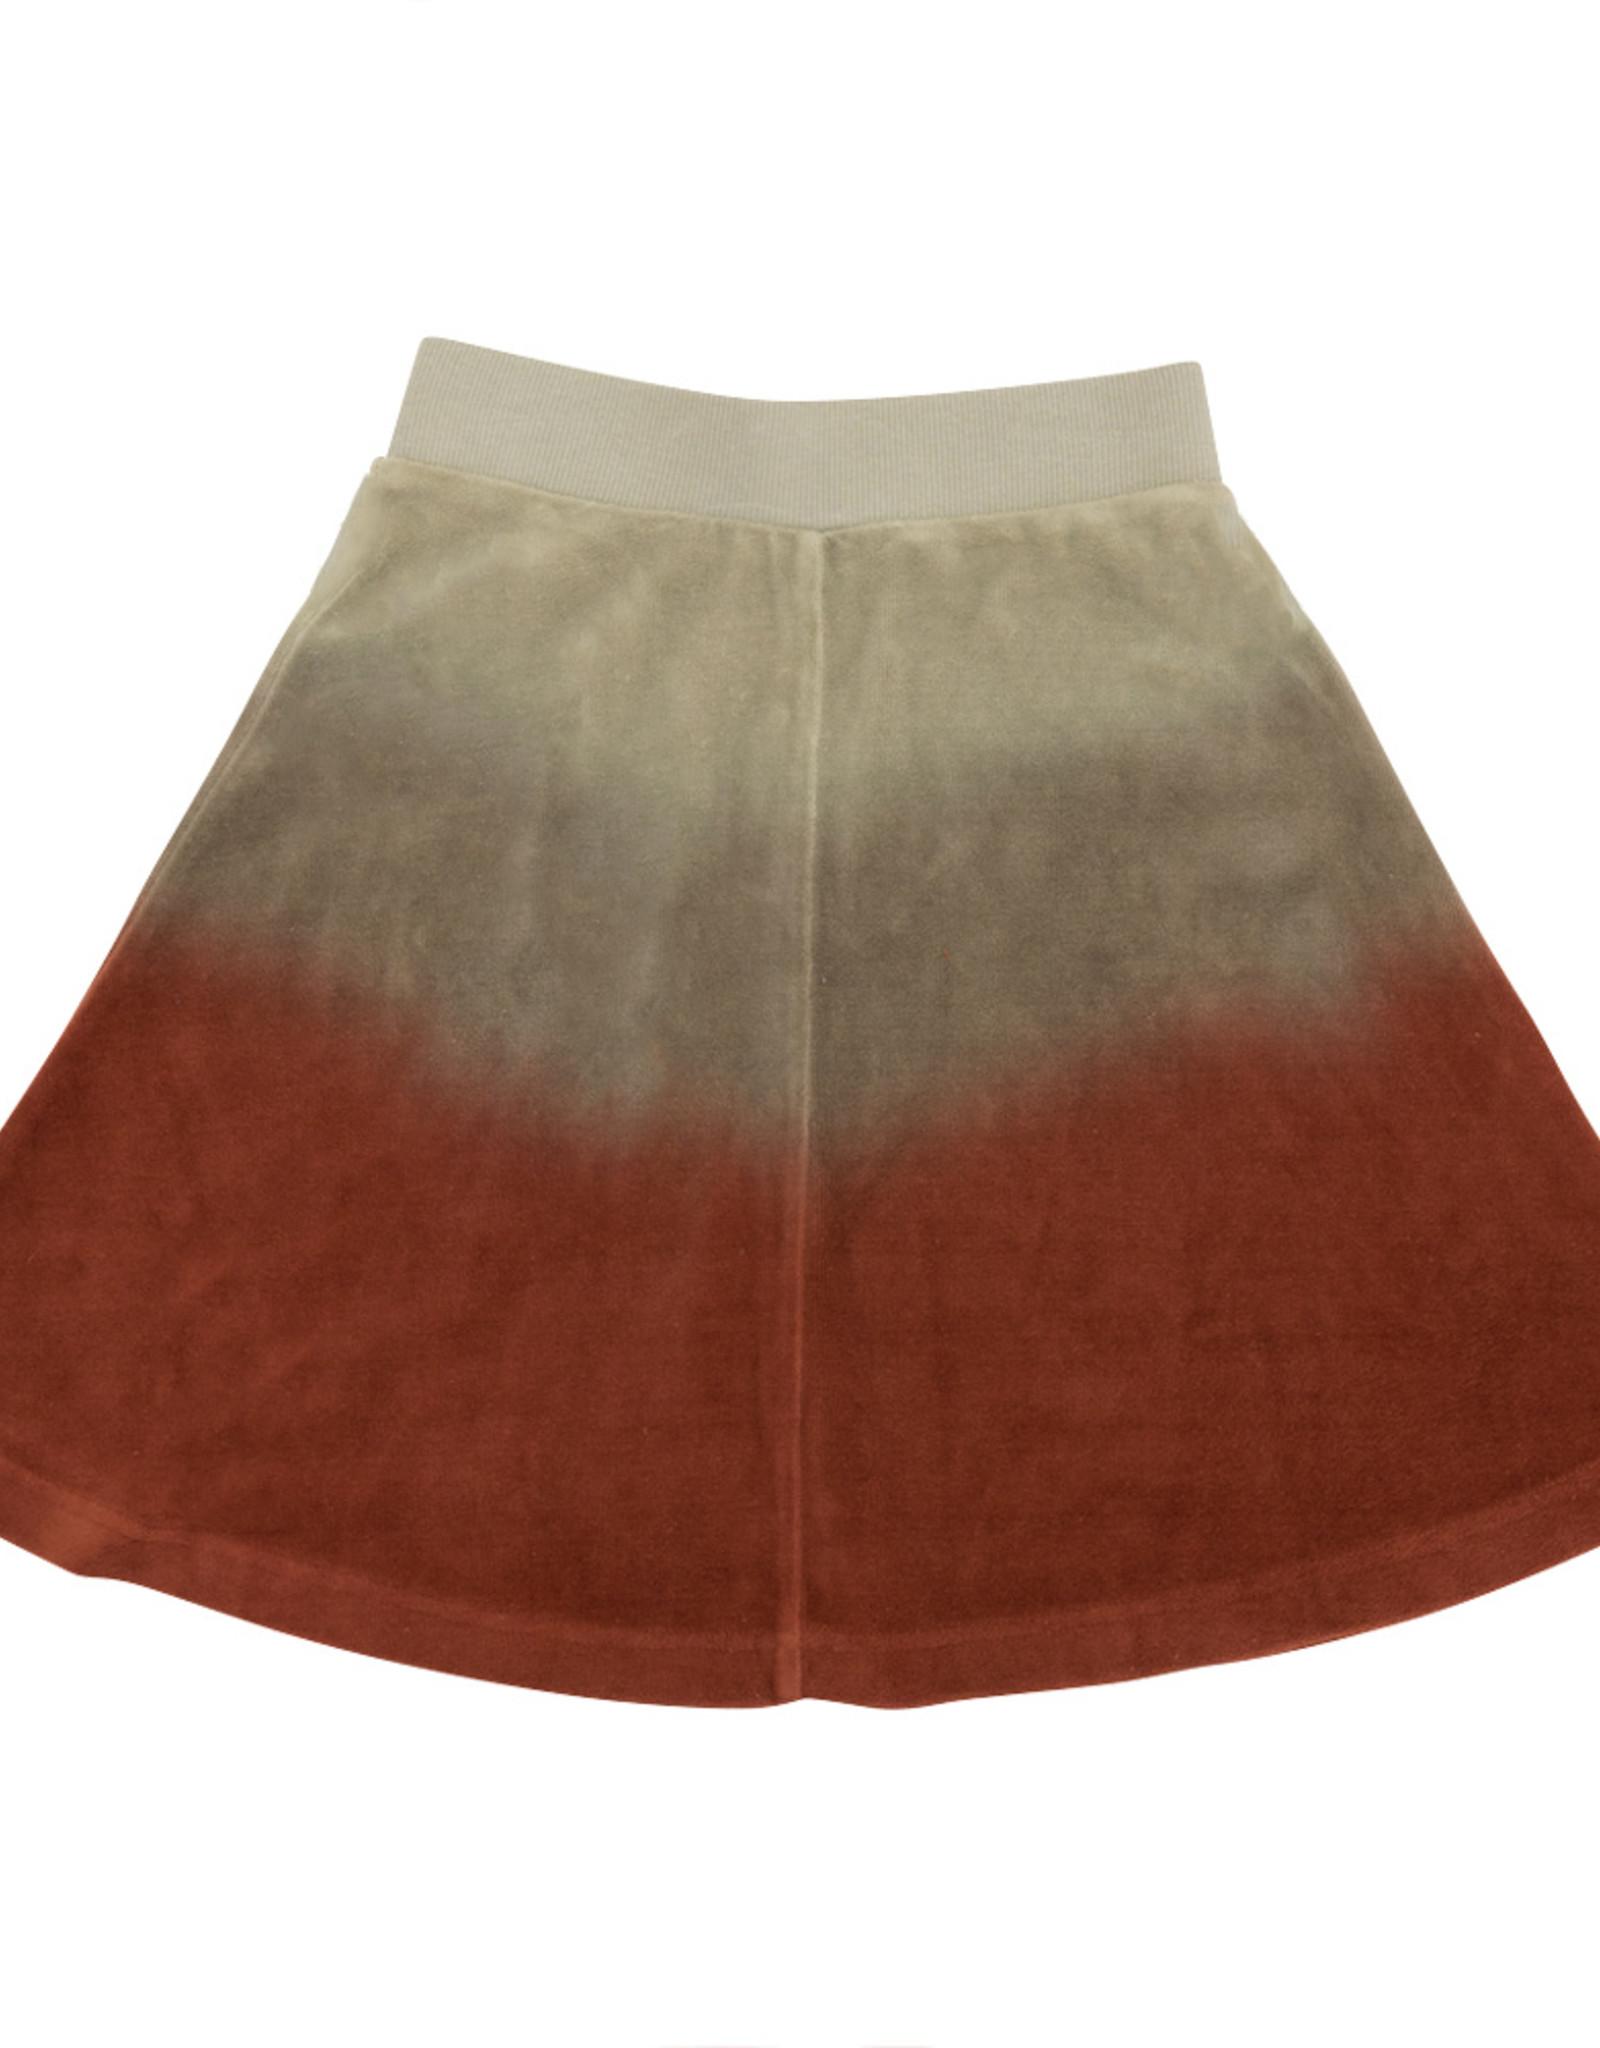 FIVE STAR Five Star Dip Dye Velour Flare Skirt